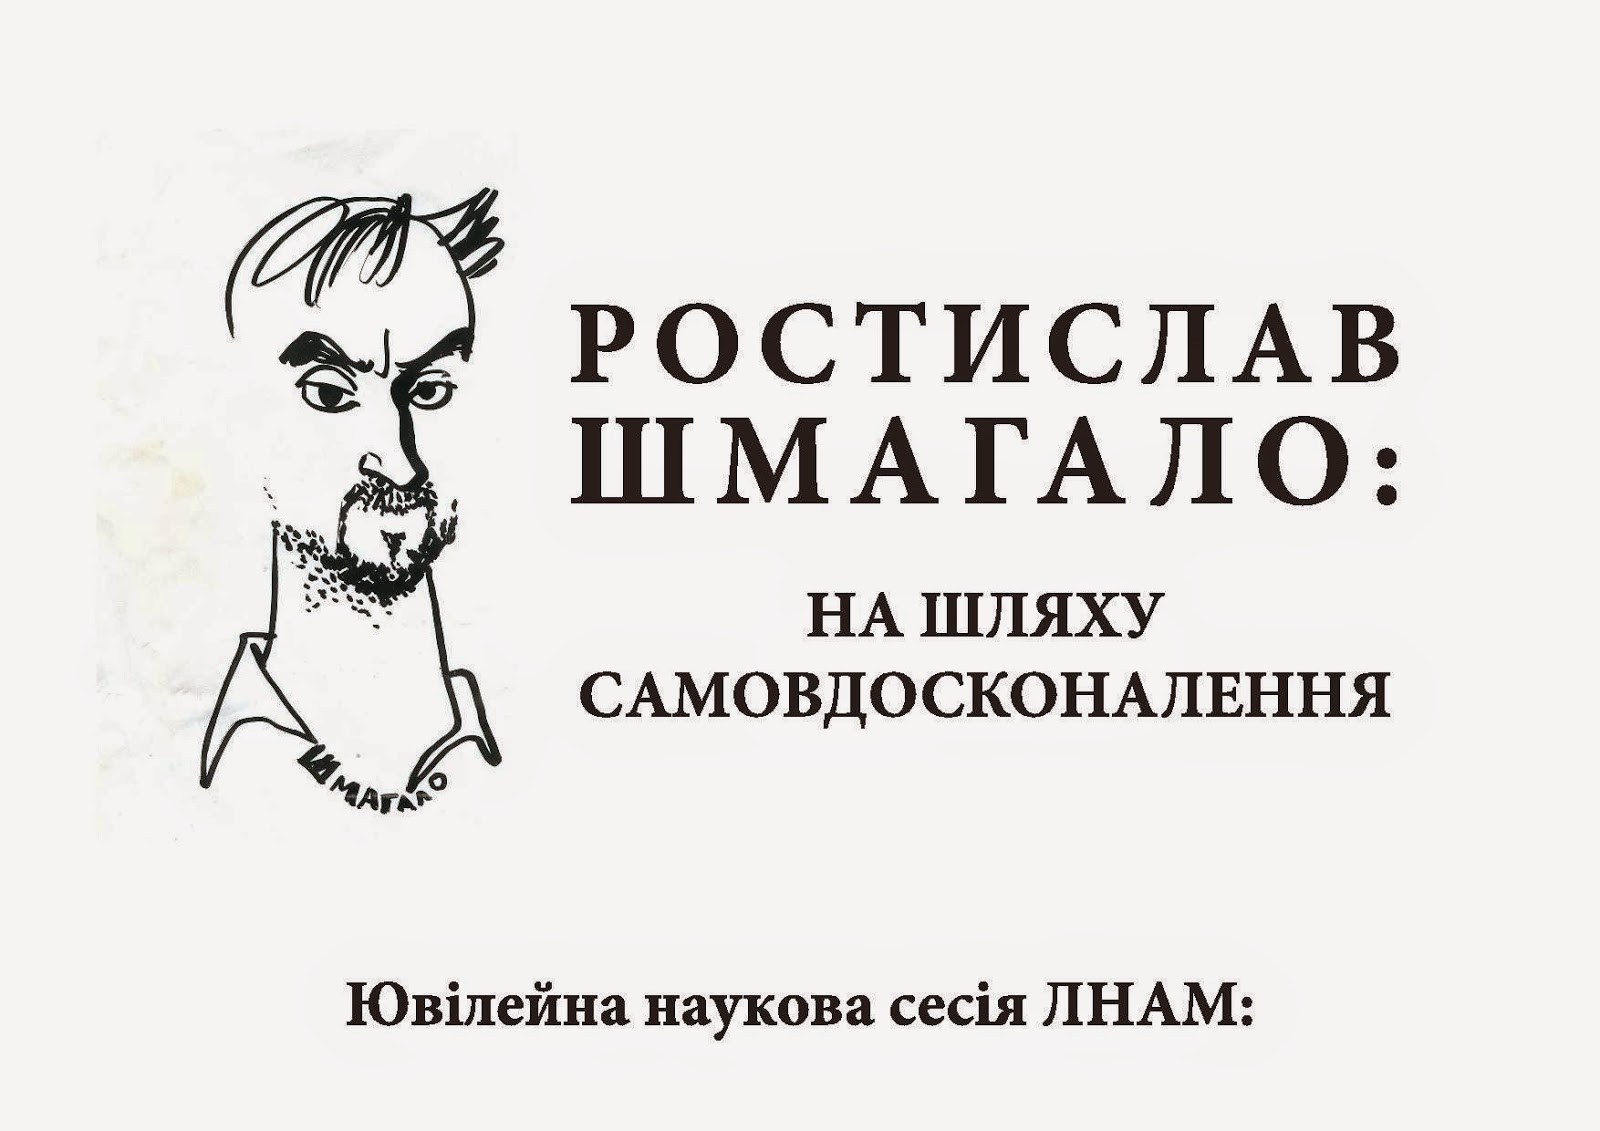 http://www.itm.lnam.edu.ua/2015/03/blog-post.html